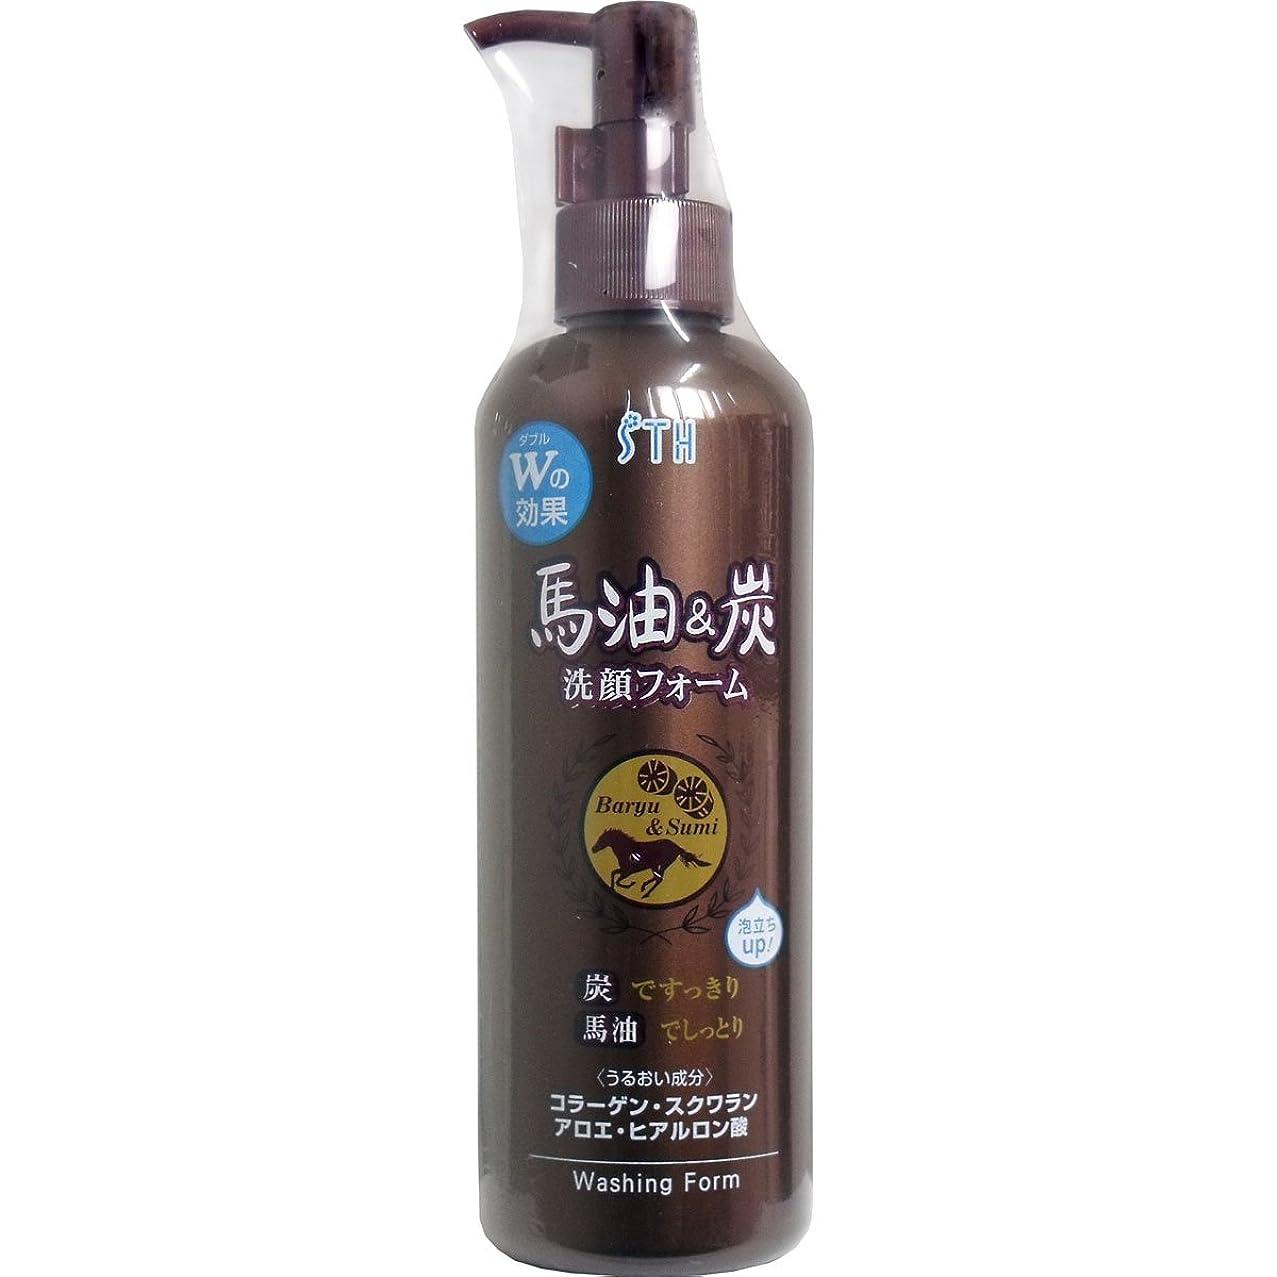 近所の消費者抹消馬油&炭 洗顔フォーム ポンプ 250ml 1個